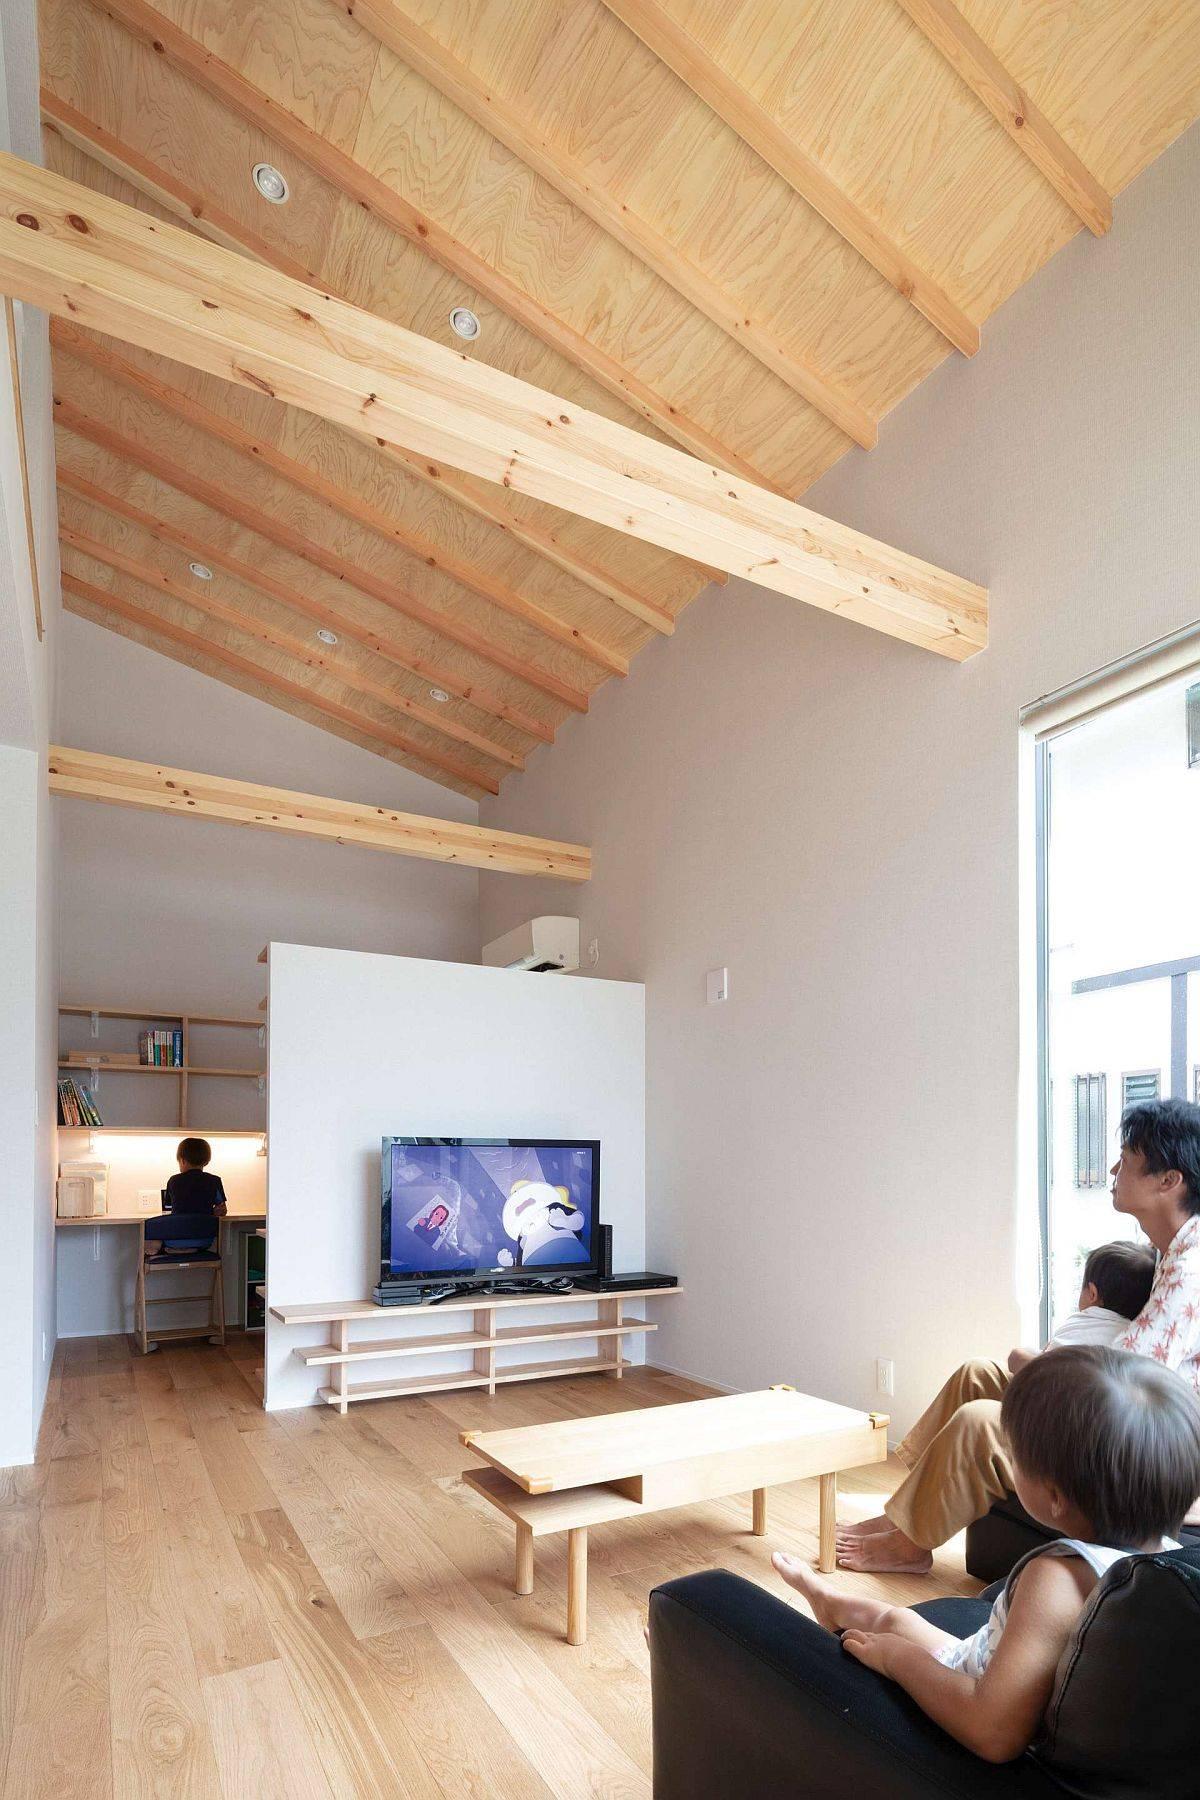 Le-poste-domicile-assis-derriere-le-salon-offre-un-espace-de-travail-prive-78822